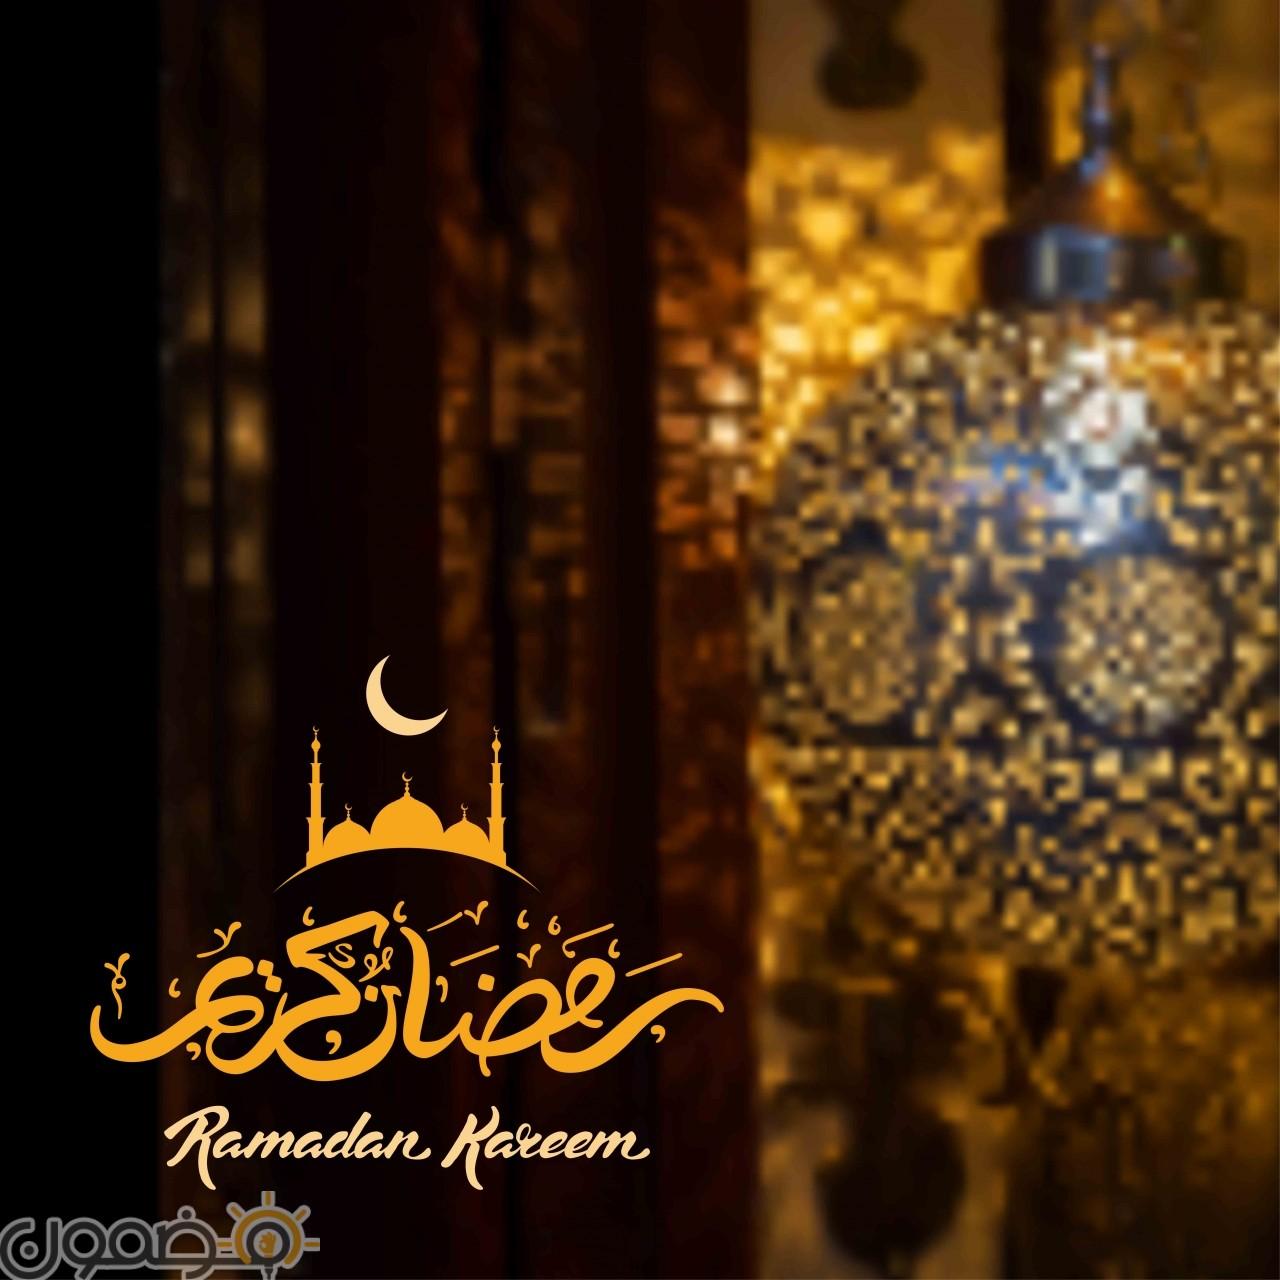 خلفيات رمضان كريم تويتر 2 خلفيات رمضان كريم تويتر تويتات رمضانية